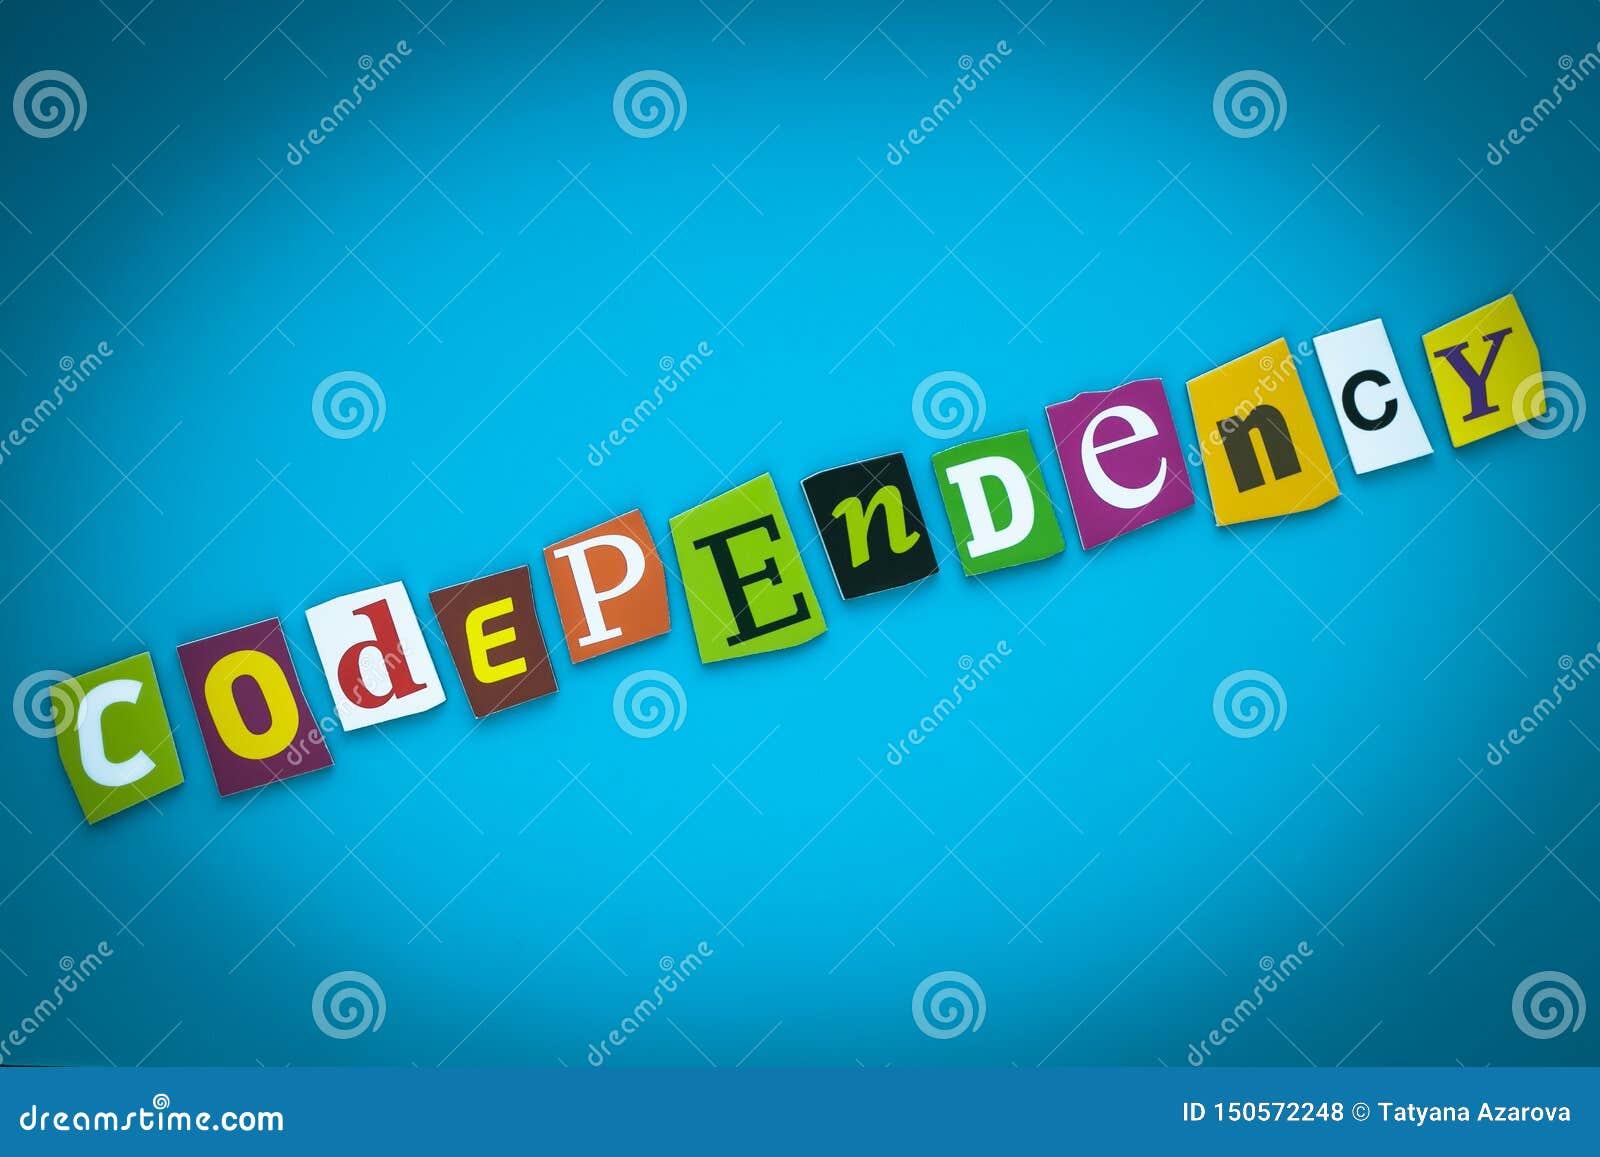 Codependency - palabra en fondo azul de letras coloridas Tarjeta abstracta con una inscripción Texto, título, subtítulo, título